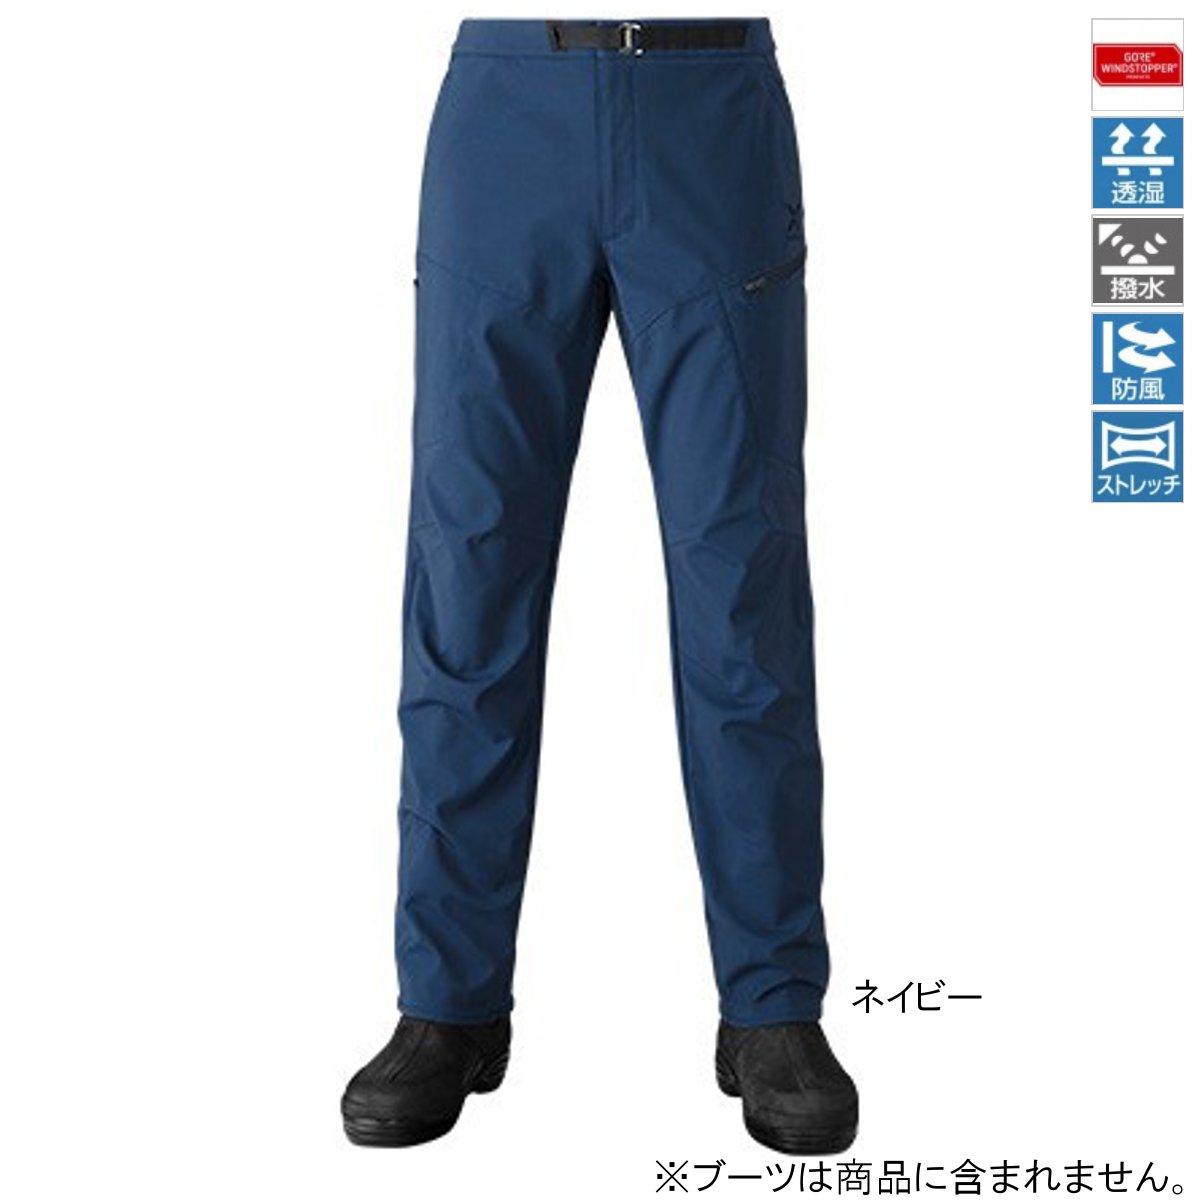 シマノ XEFO GORE WINDSTOPPER ボトム PA-241R M ネイビー(東日本店)